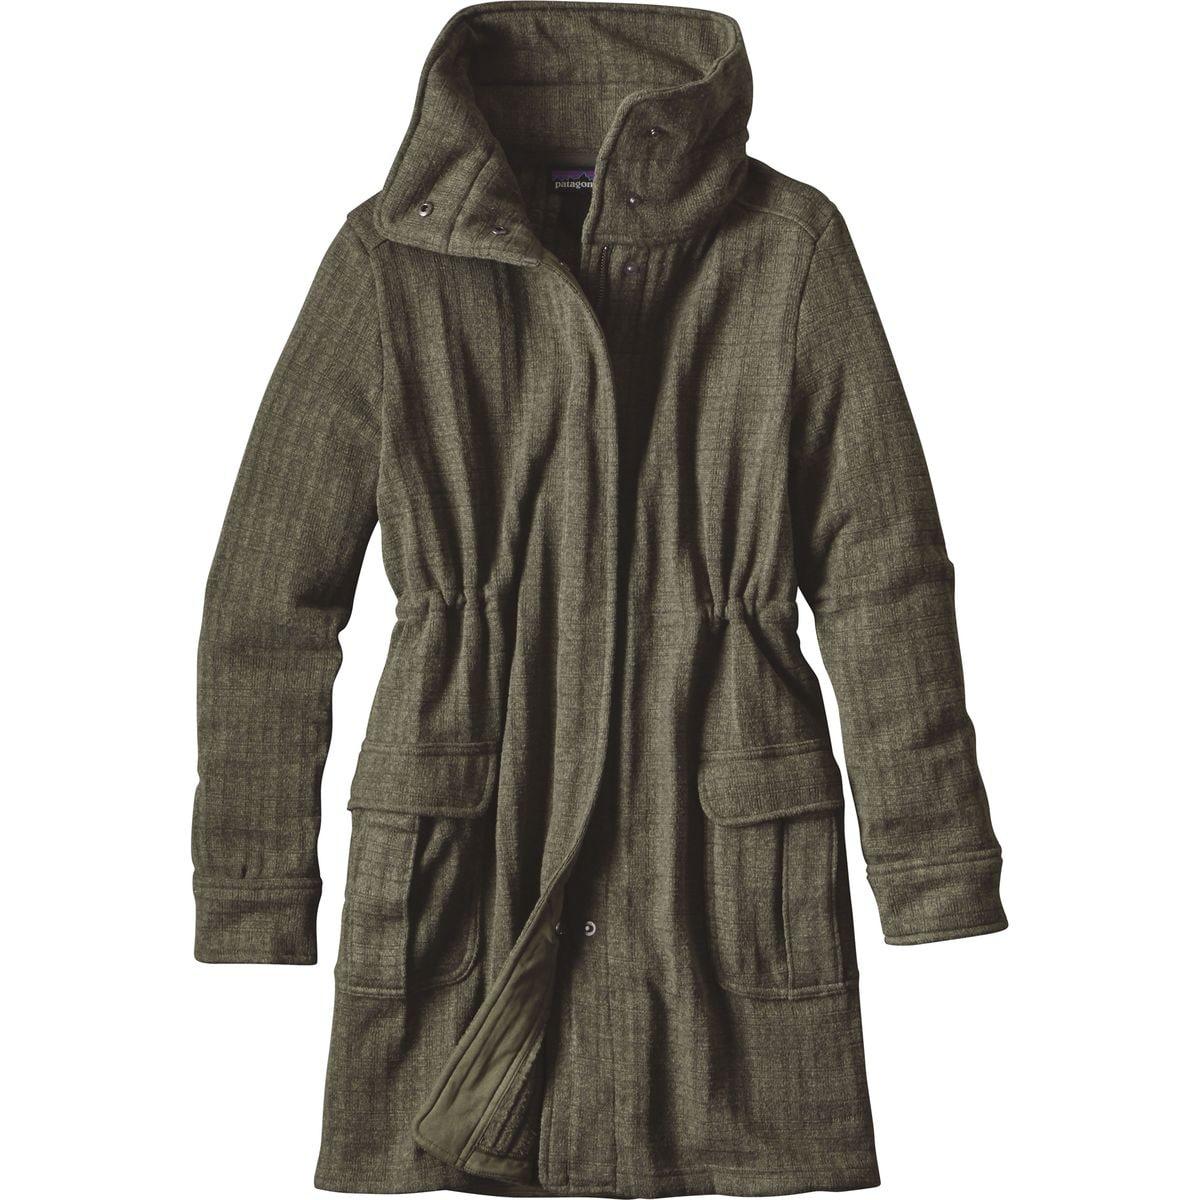 Patagonia Better Sweater Fleece Coat - Women